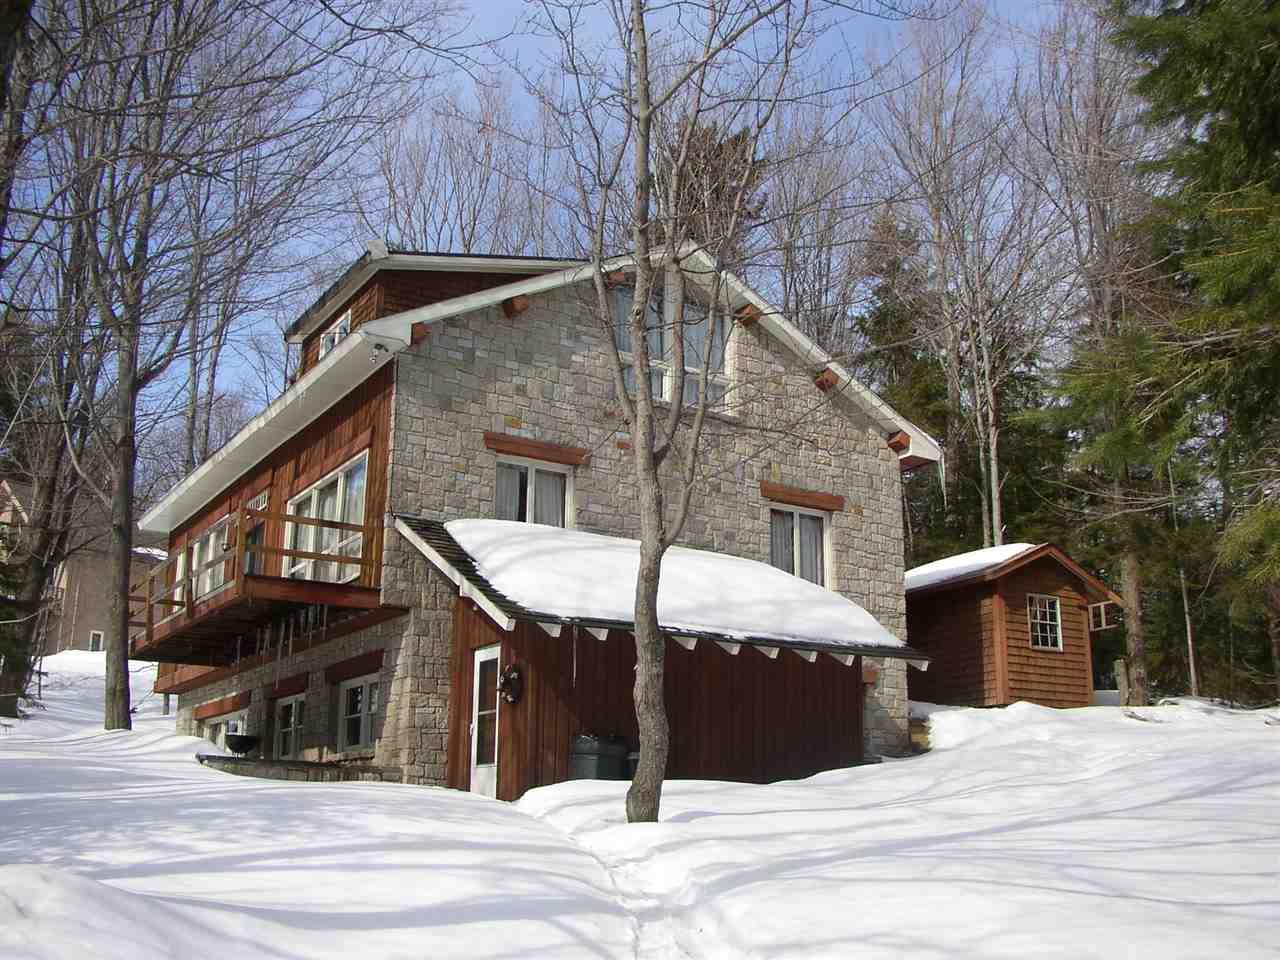 LOCATION LOCATION LOCATION!!  Perfect ski home...